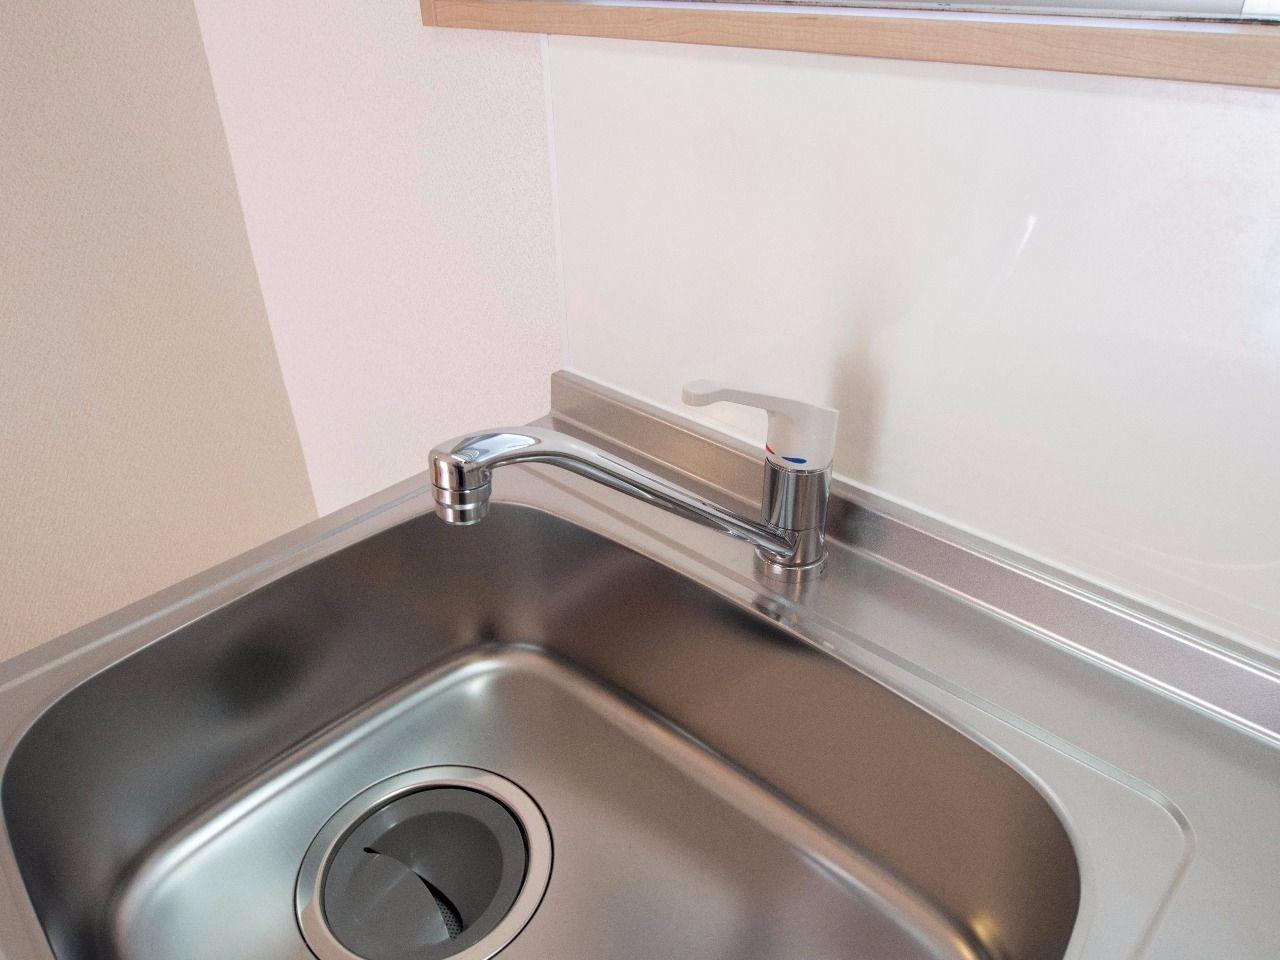 水量・水温の調節が楽にできるワンレバー式の水栓蛇口